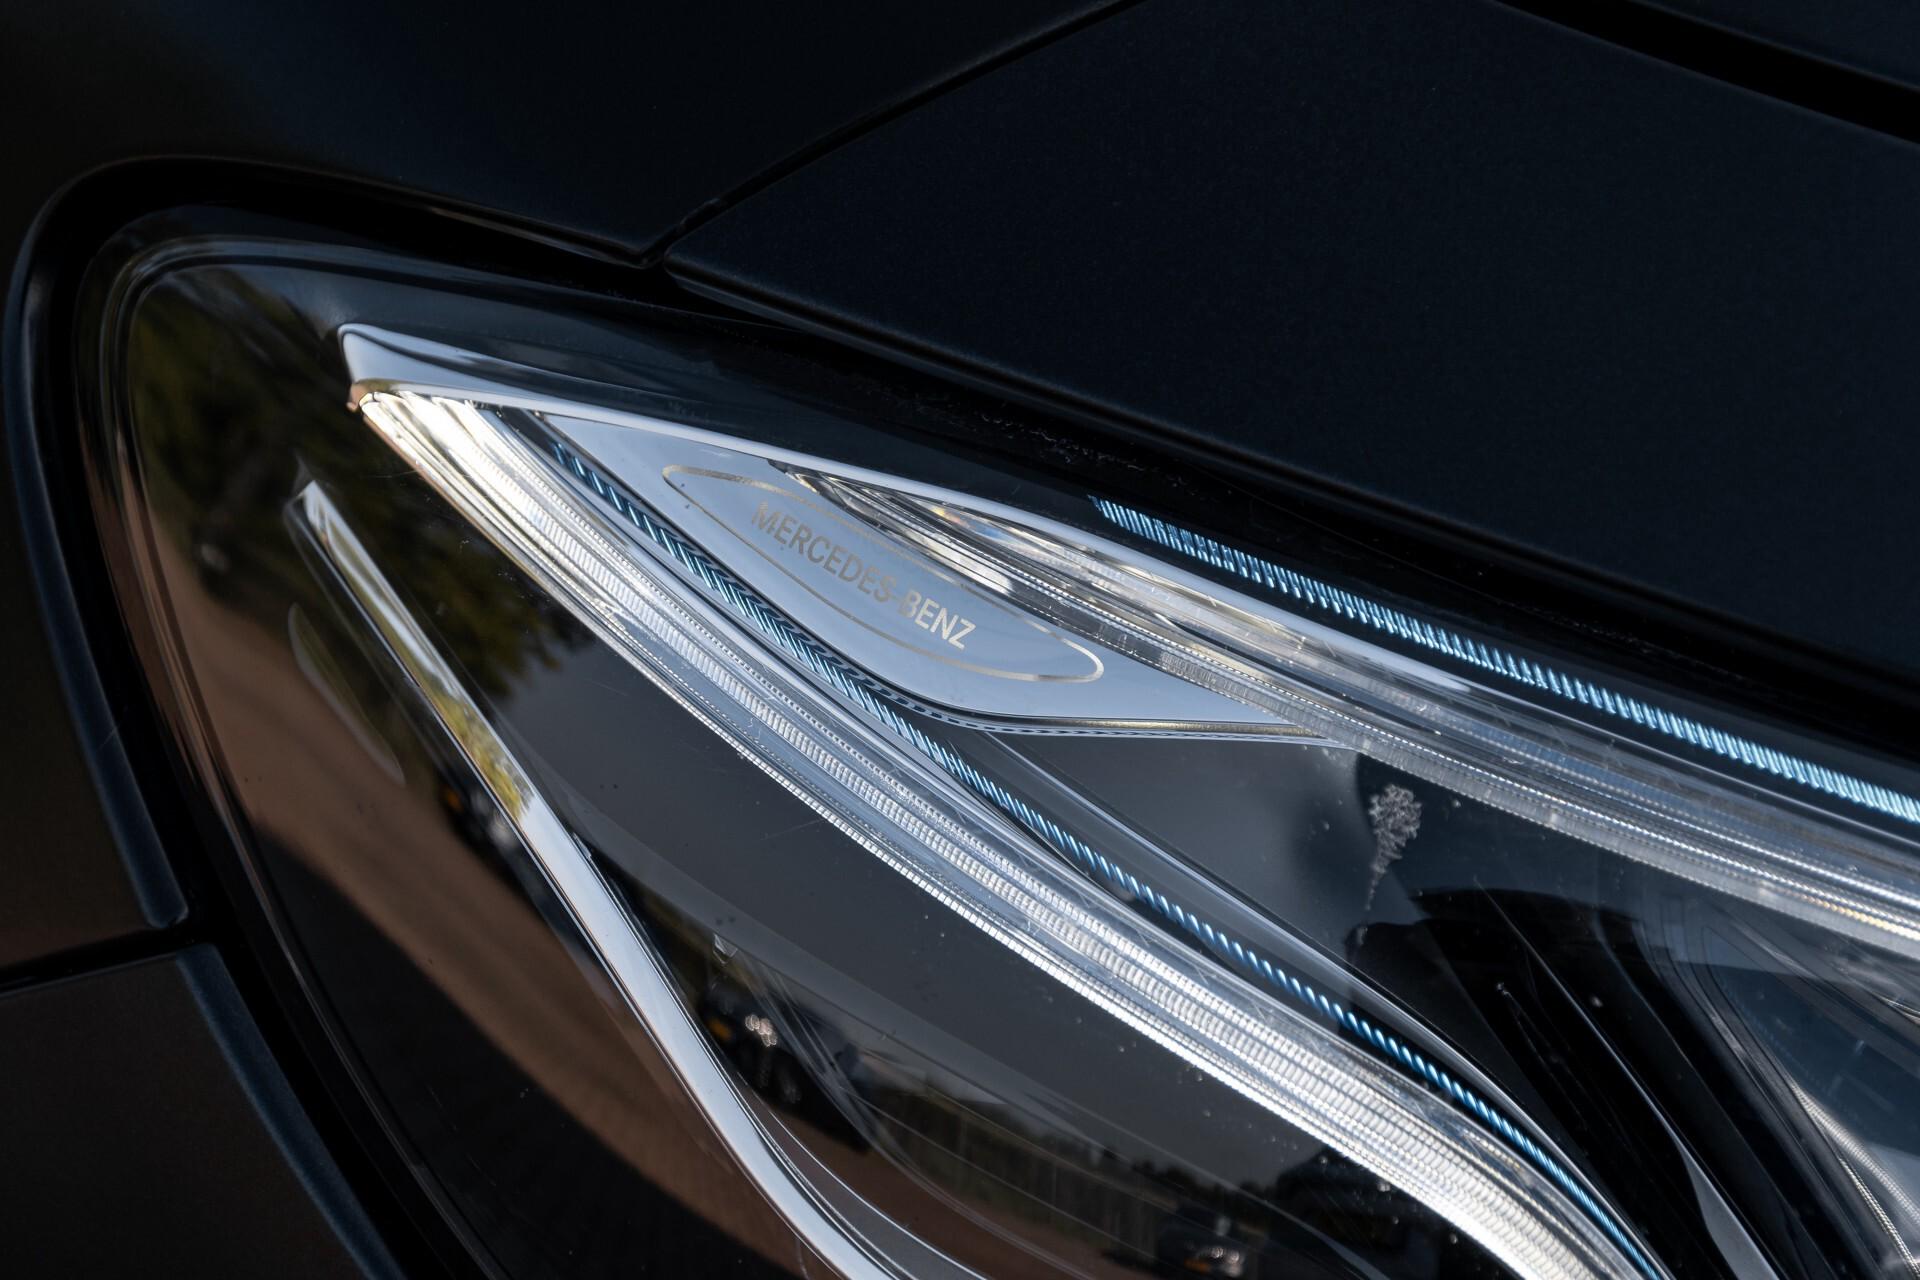 Mercedes-Benz E-Klasse 63 S AMG 4-Matic+ Edition 1 Matzwart/Carbon/Full Options Aut9 Foto 79